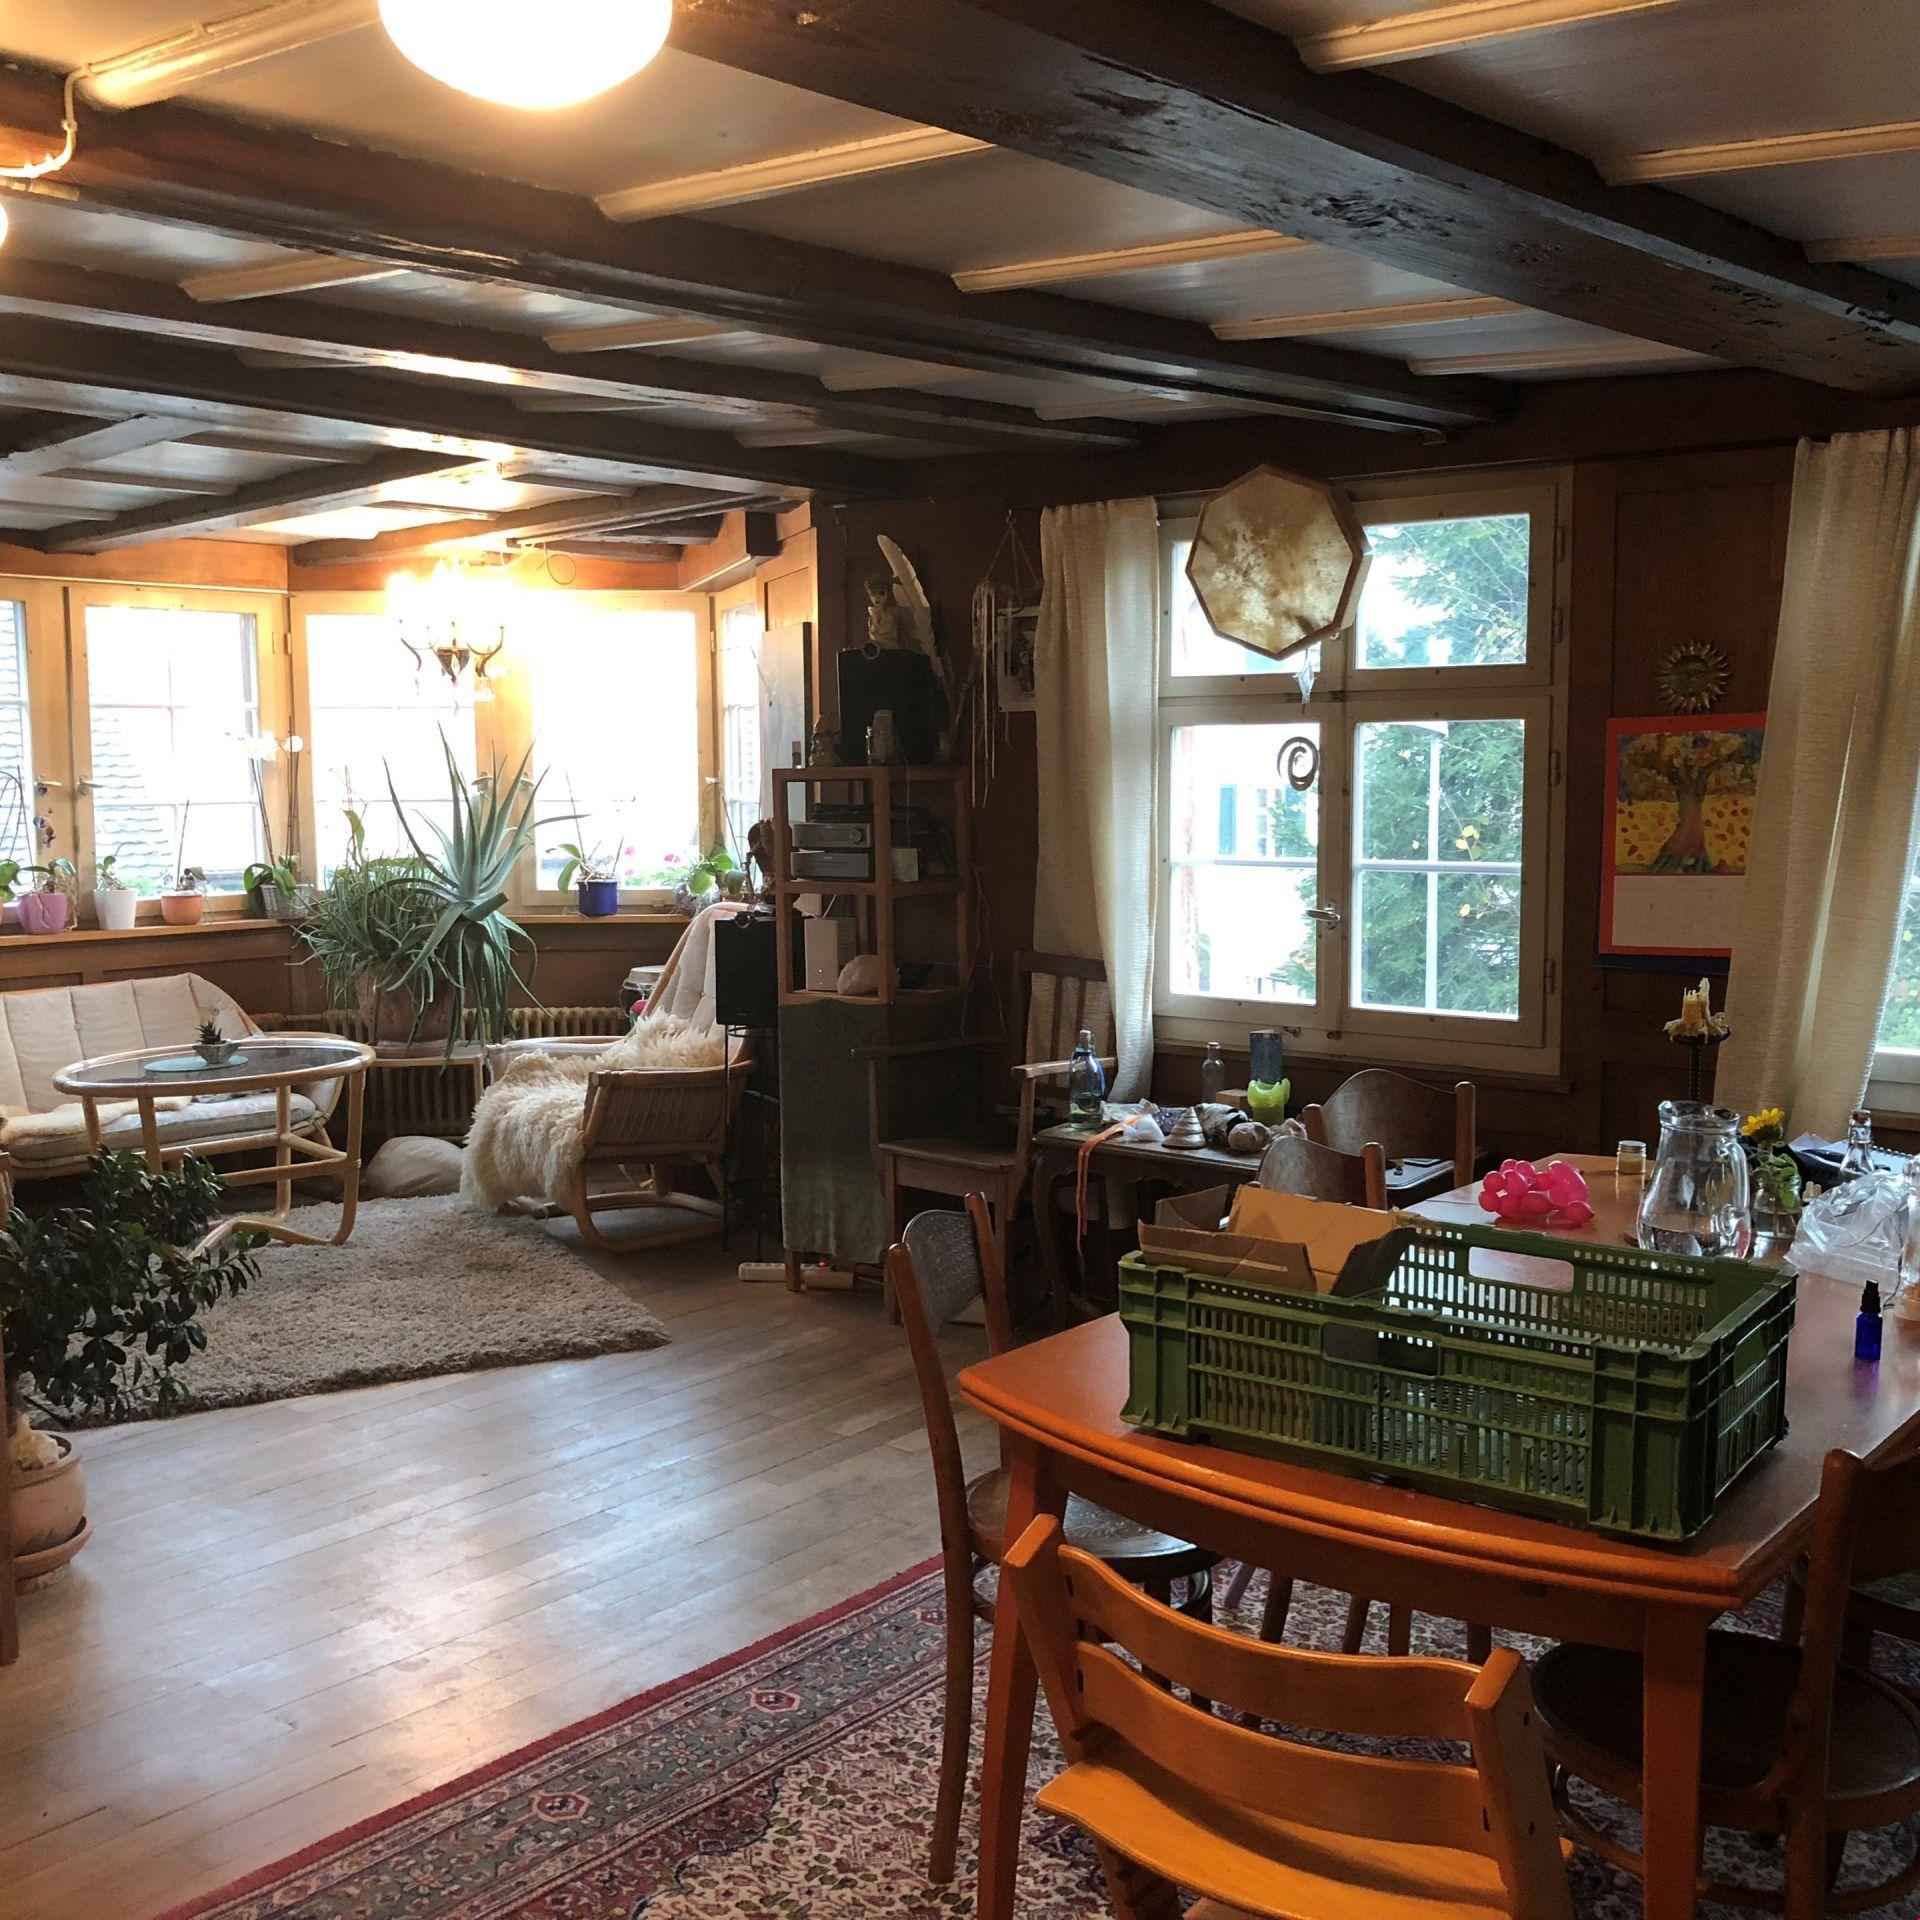 Miete: Einfamilienhaus, gemütlicher Hausteil mit Charme